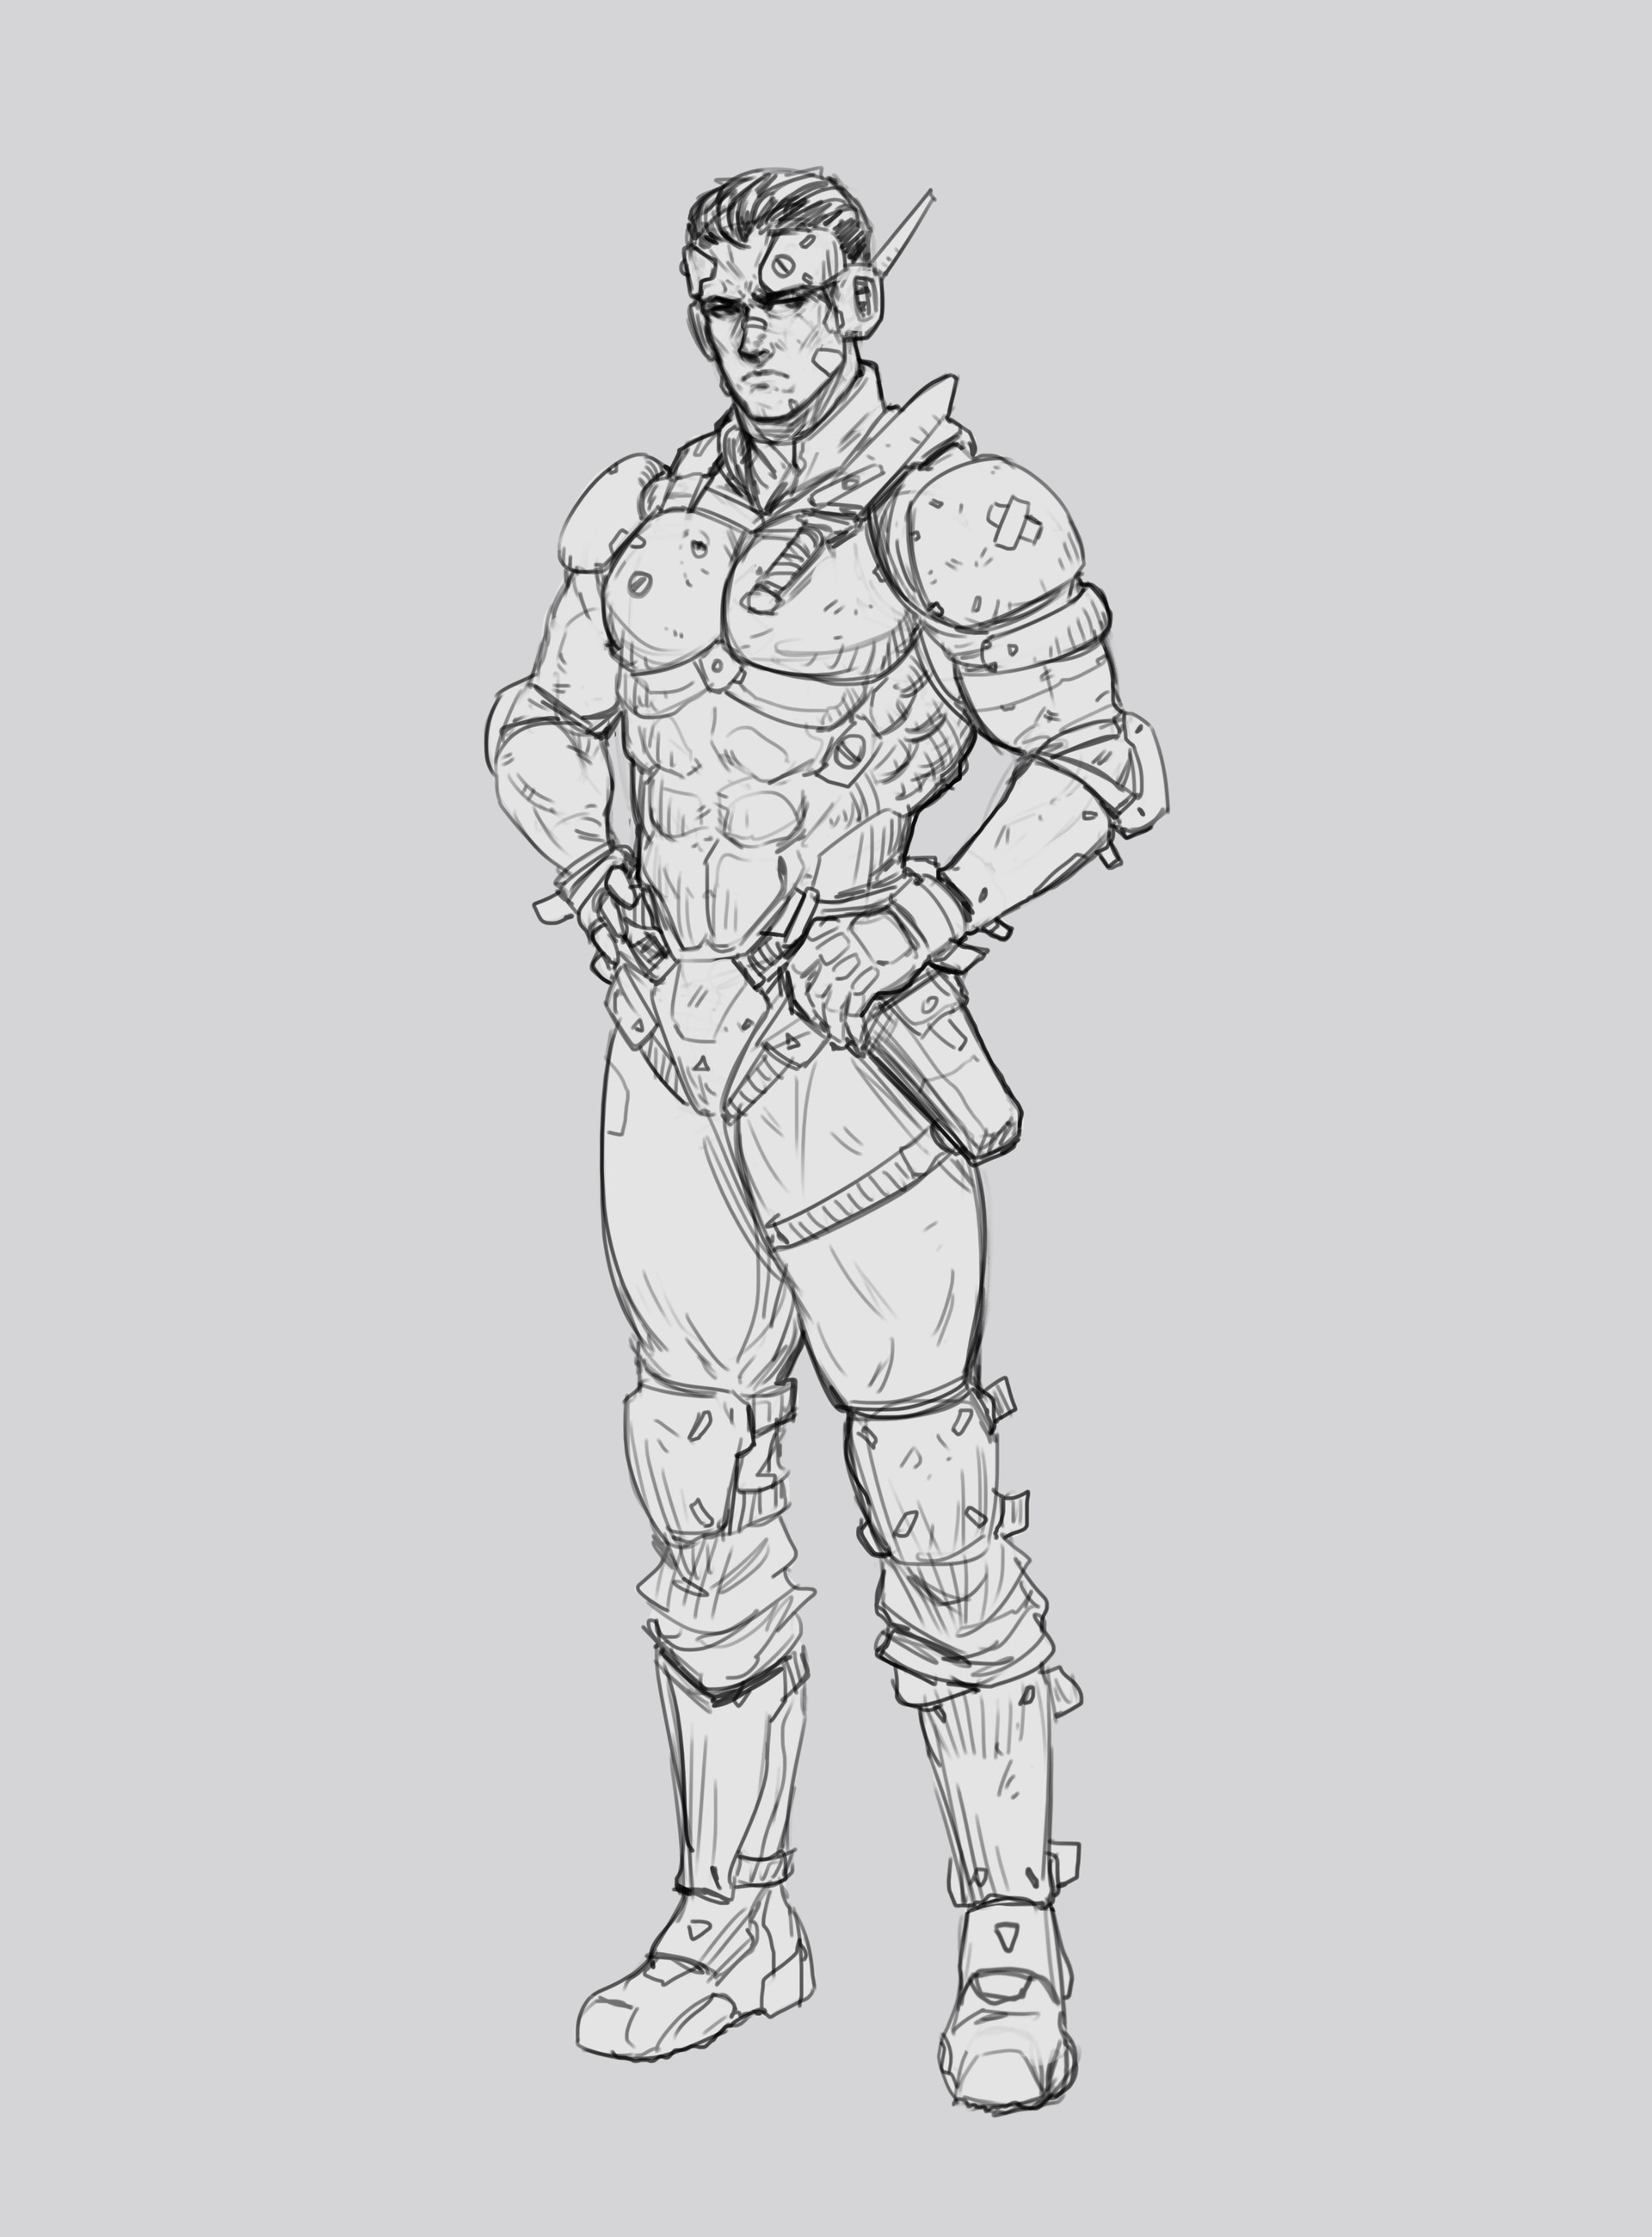 Salvador trakal sketch3